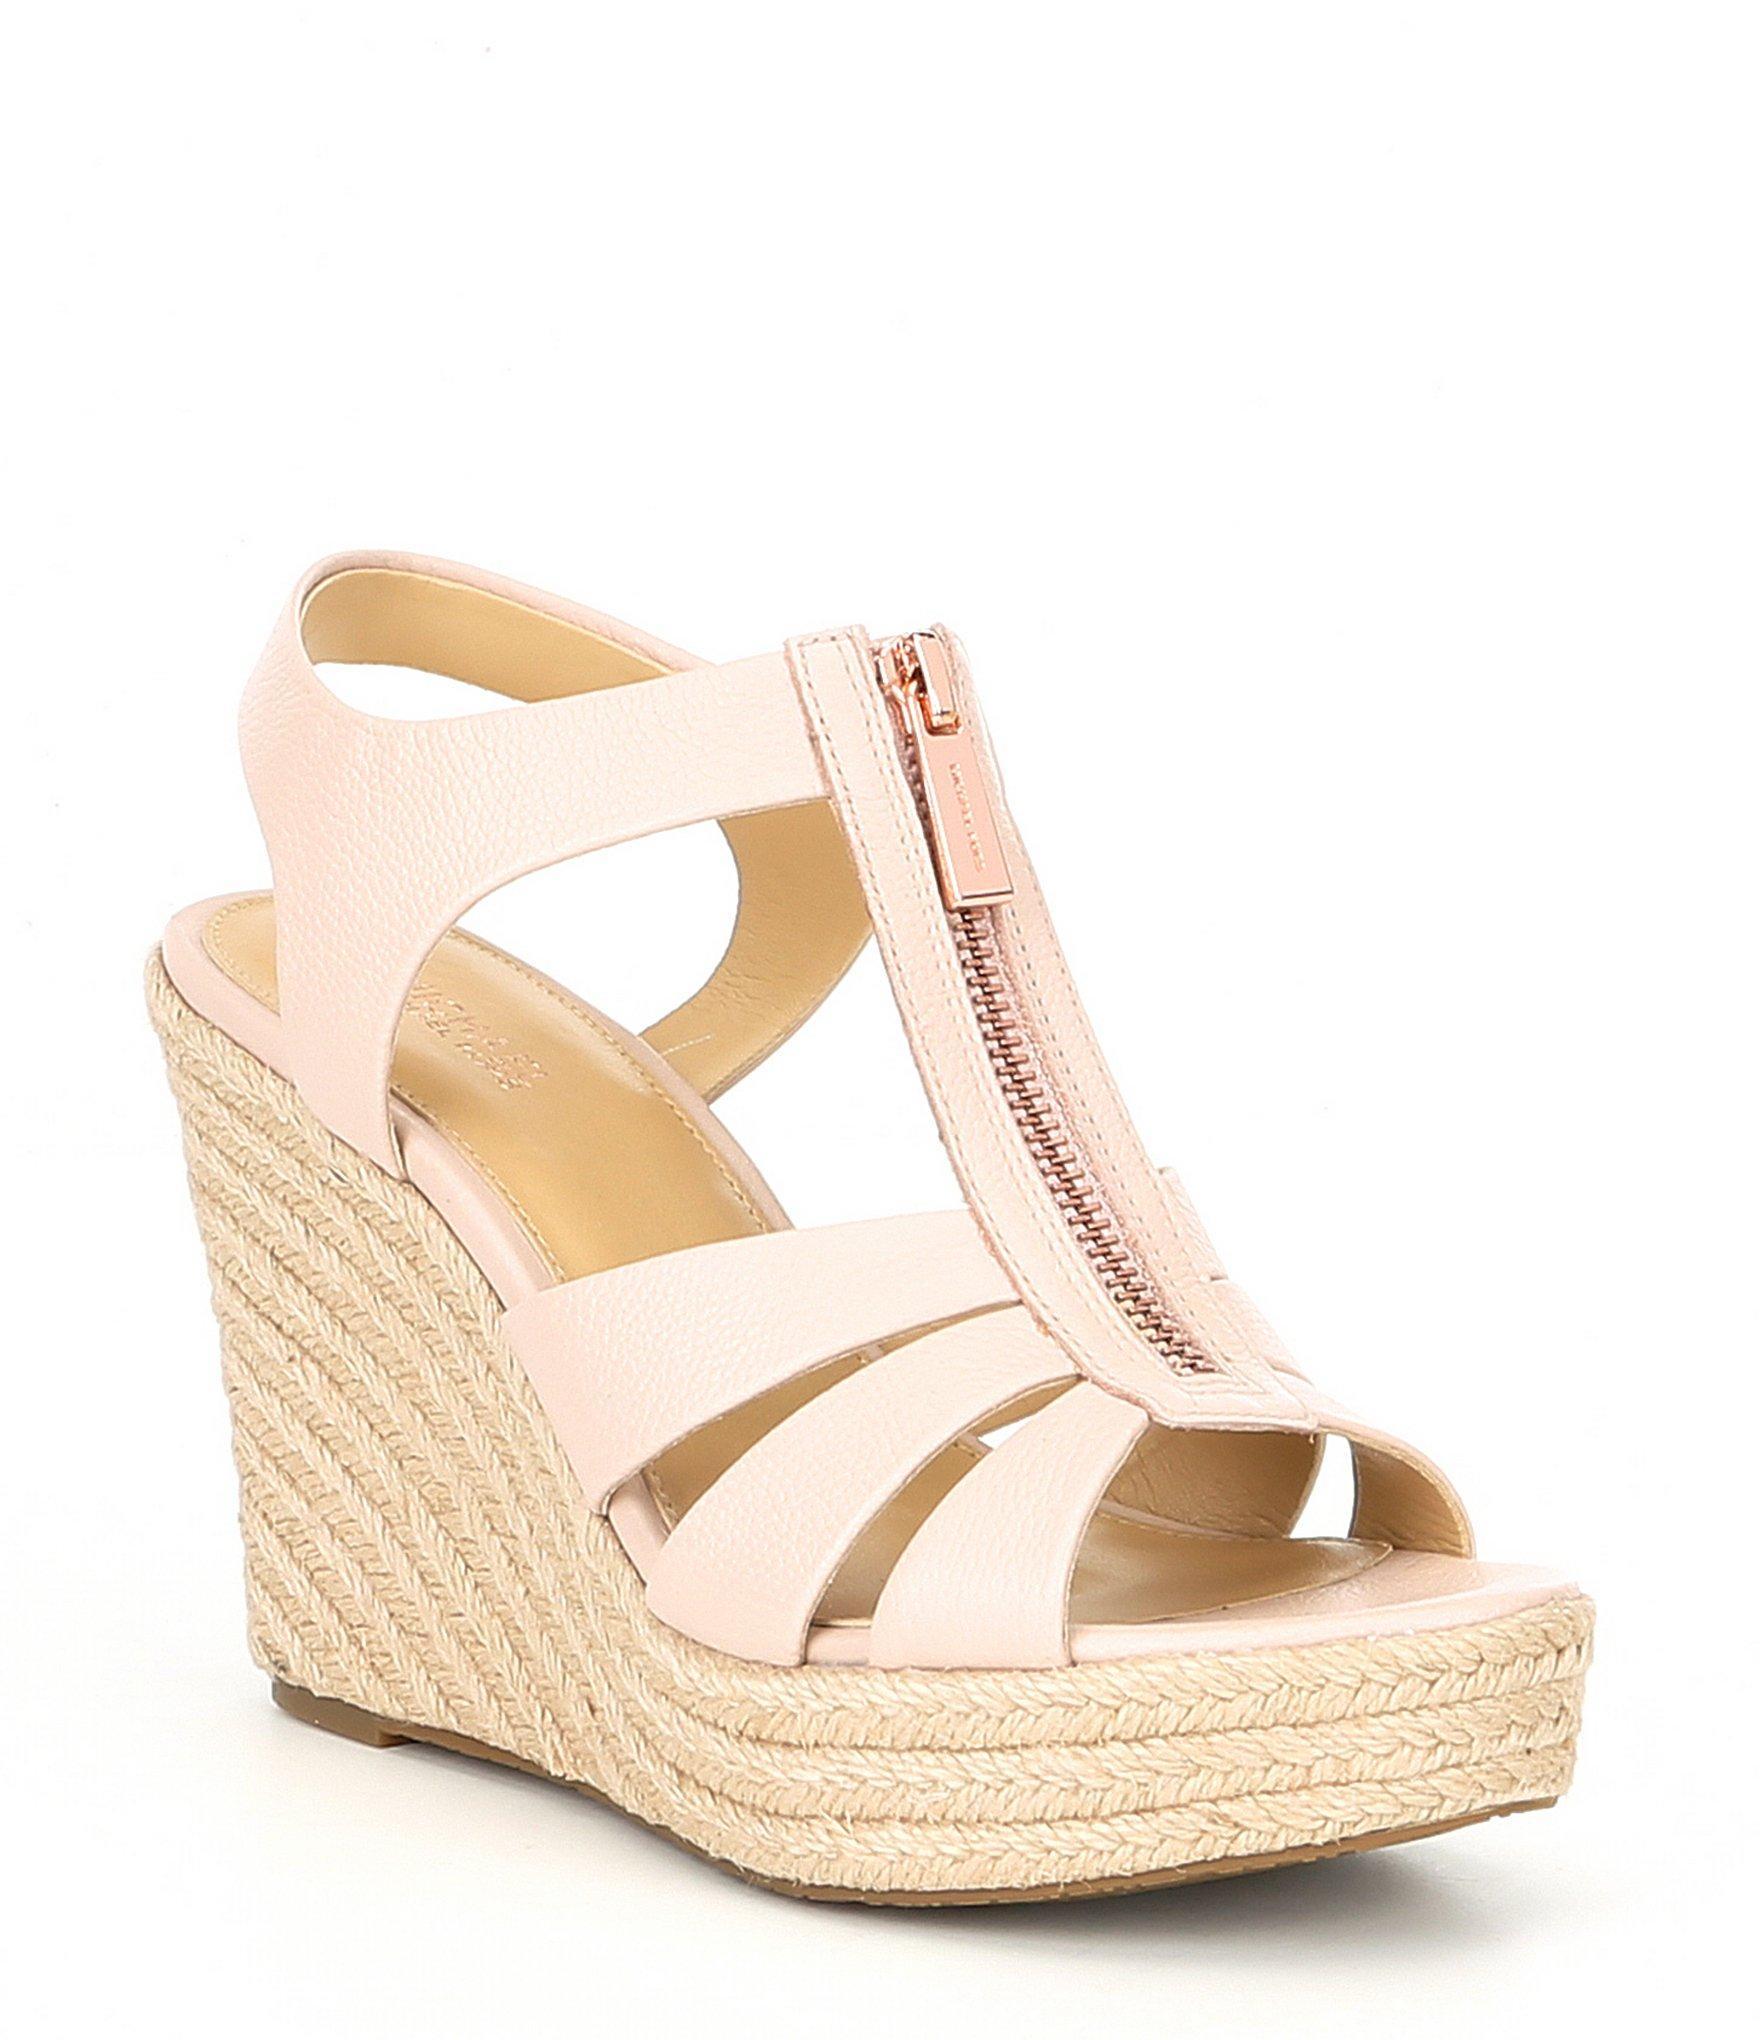 93f4001eda0 MICHAEL Michael Kors Pink Berkley Espadrille Wedge Sandals